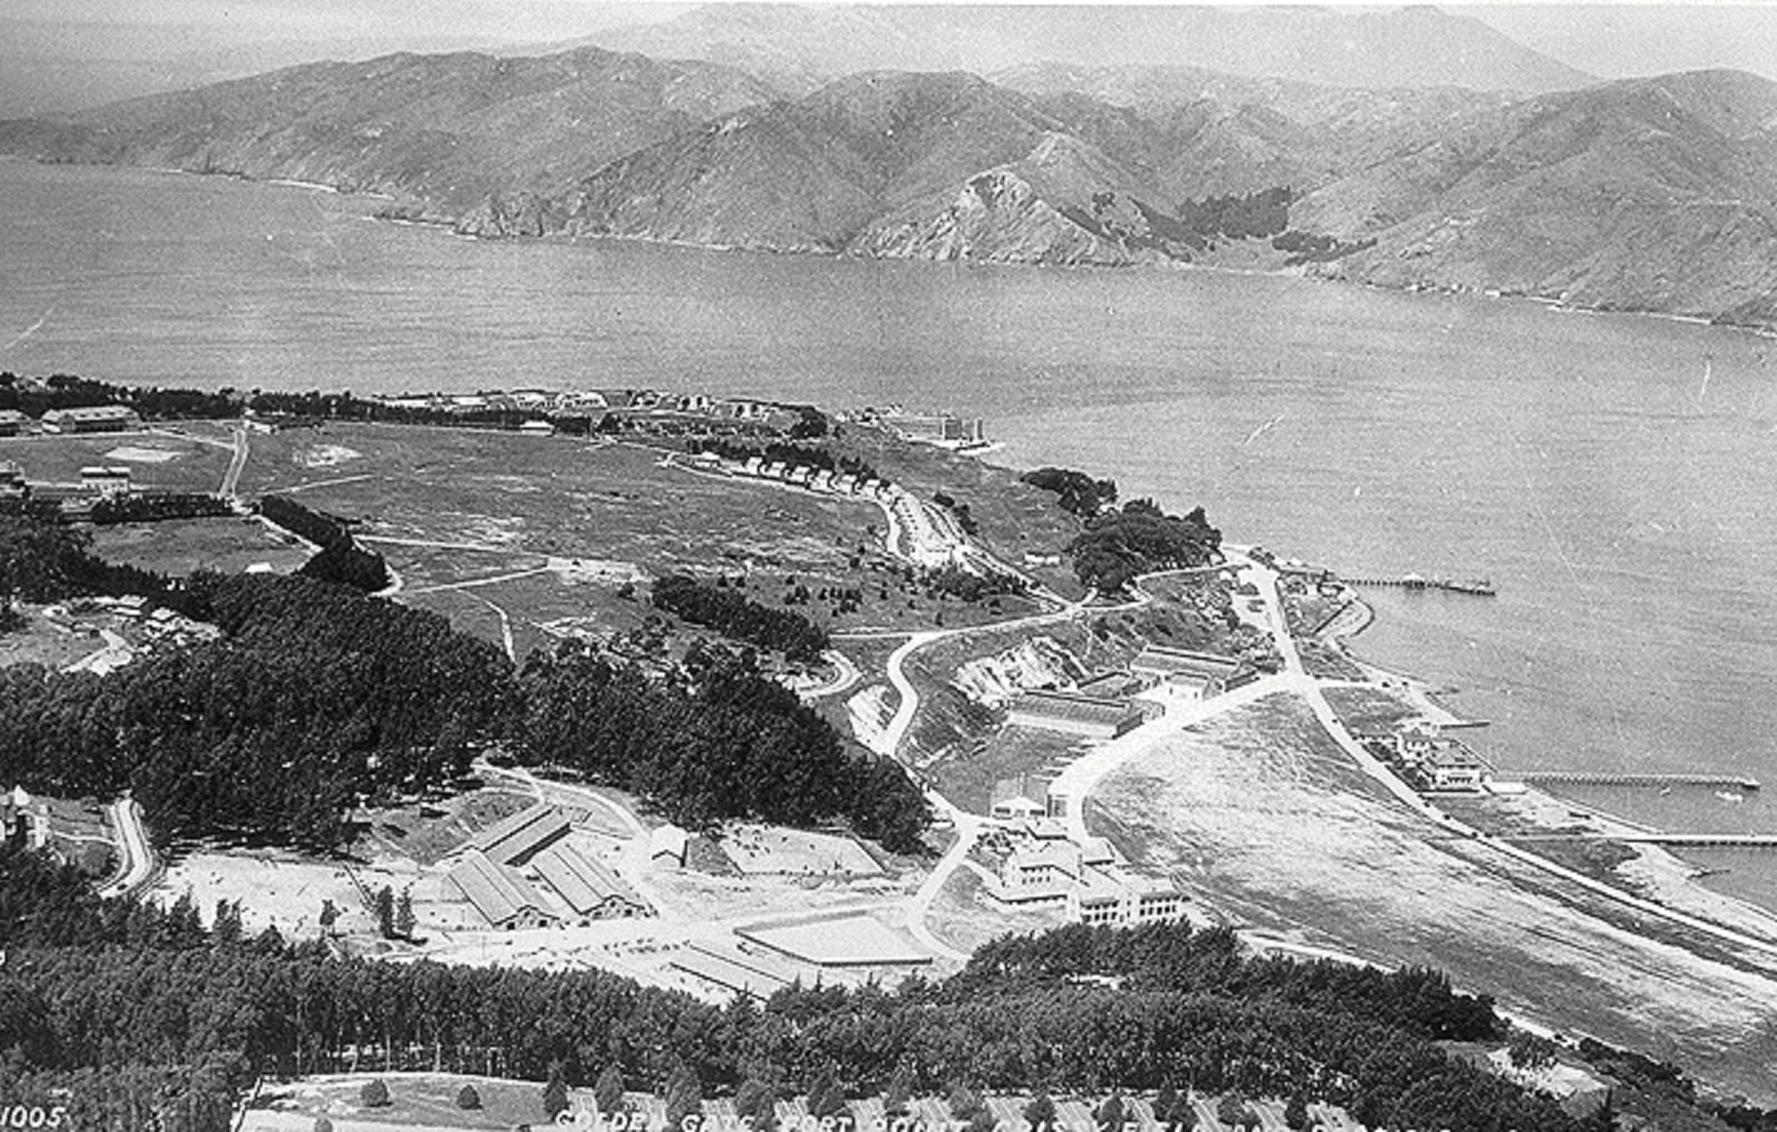 Εναέρια άποψη της στρατιωτικής βάσης του Πρεζίντιο (έκταση 6 χιλμ2), στο Σαν Φρανσίσκο. Μετά από 219 έτη συνεχούς λειτουργίας, το Πρεζίντιο έπαψε να λειτουργεί την 1 η Οκτωβρίου του 1994.